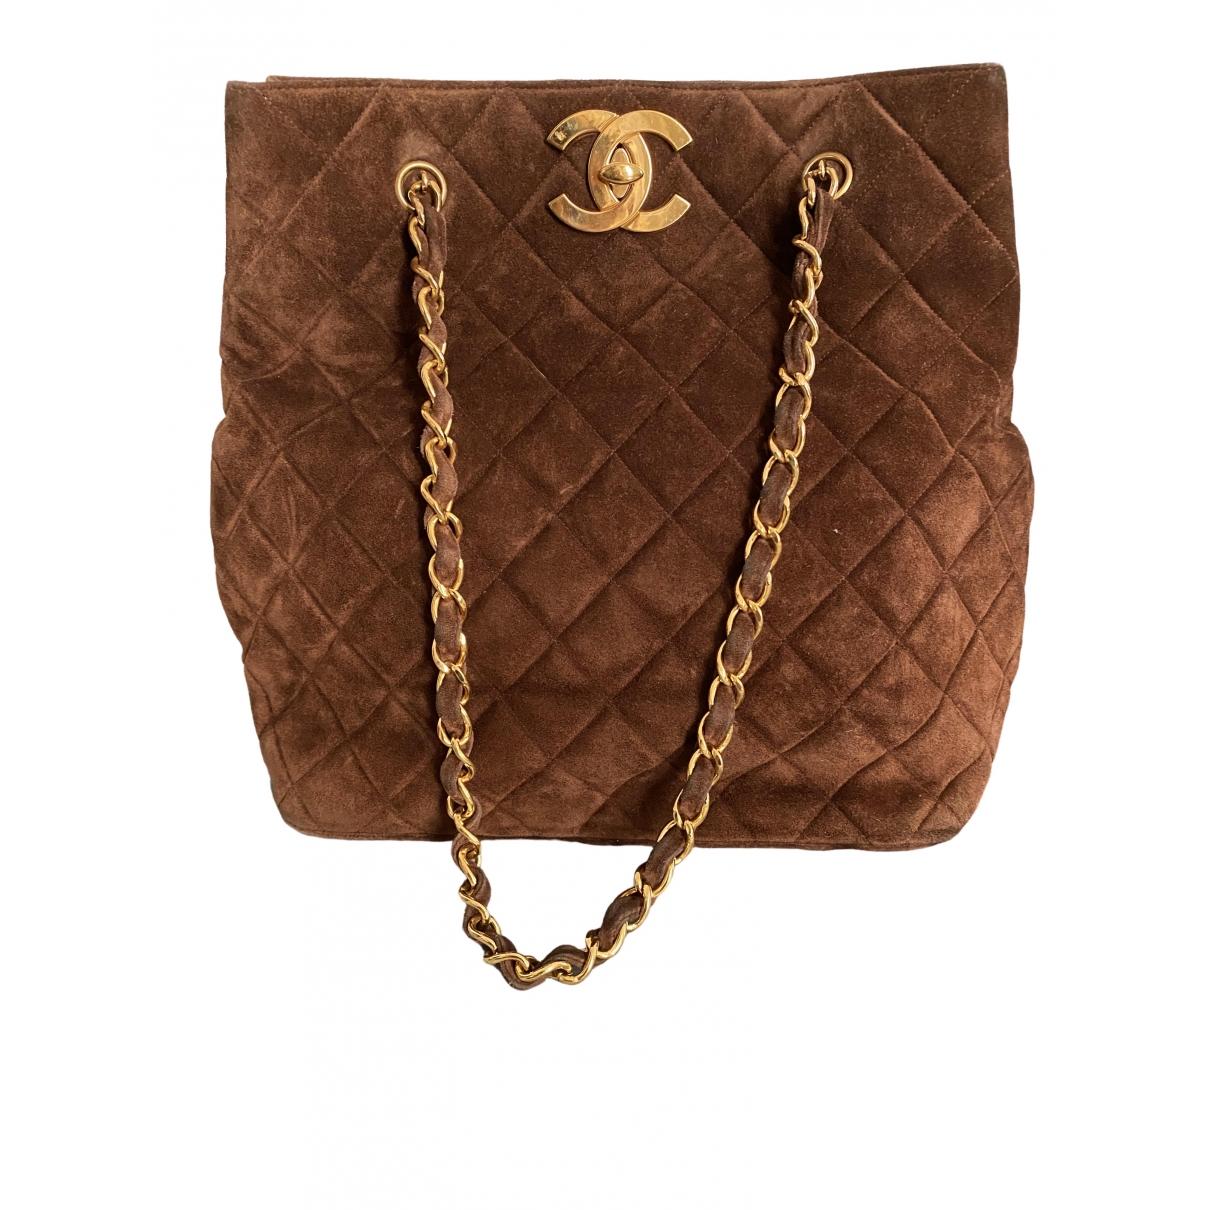 Chanel - Sac a main   pour femme en suede - marron